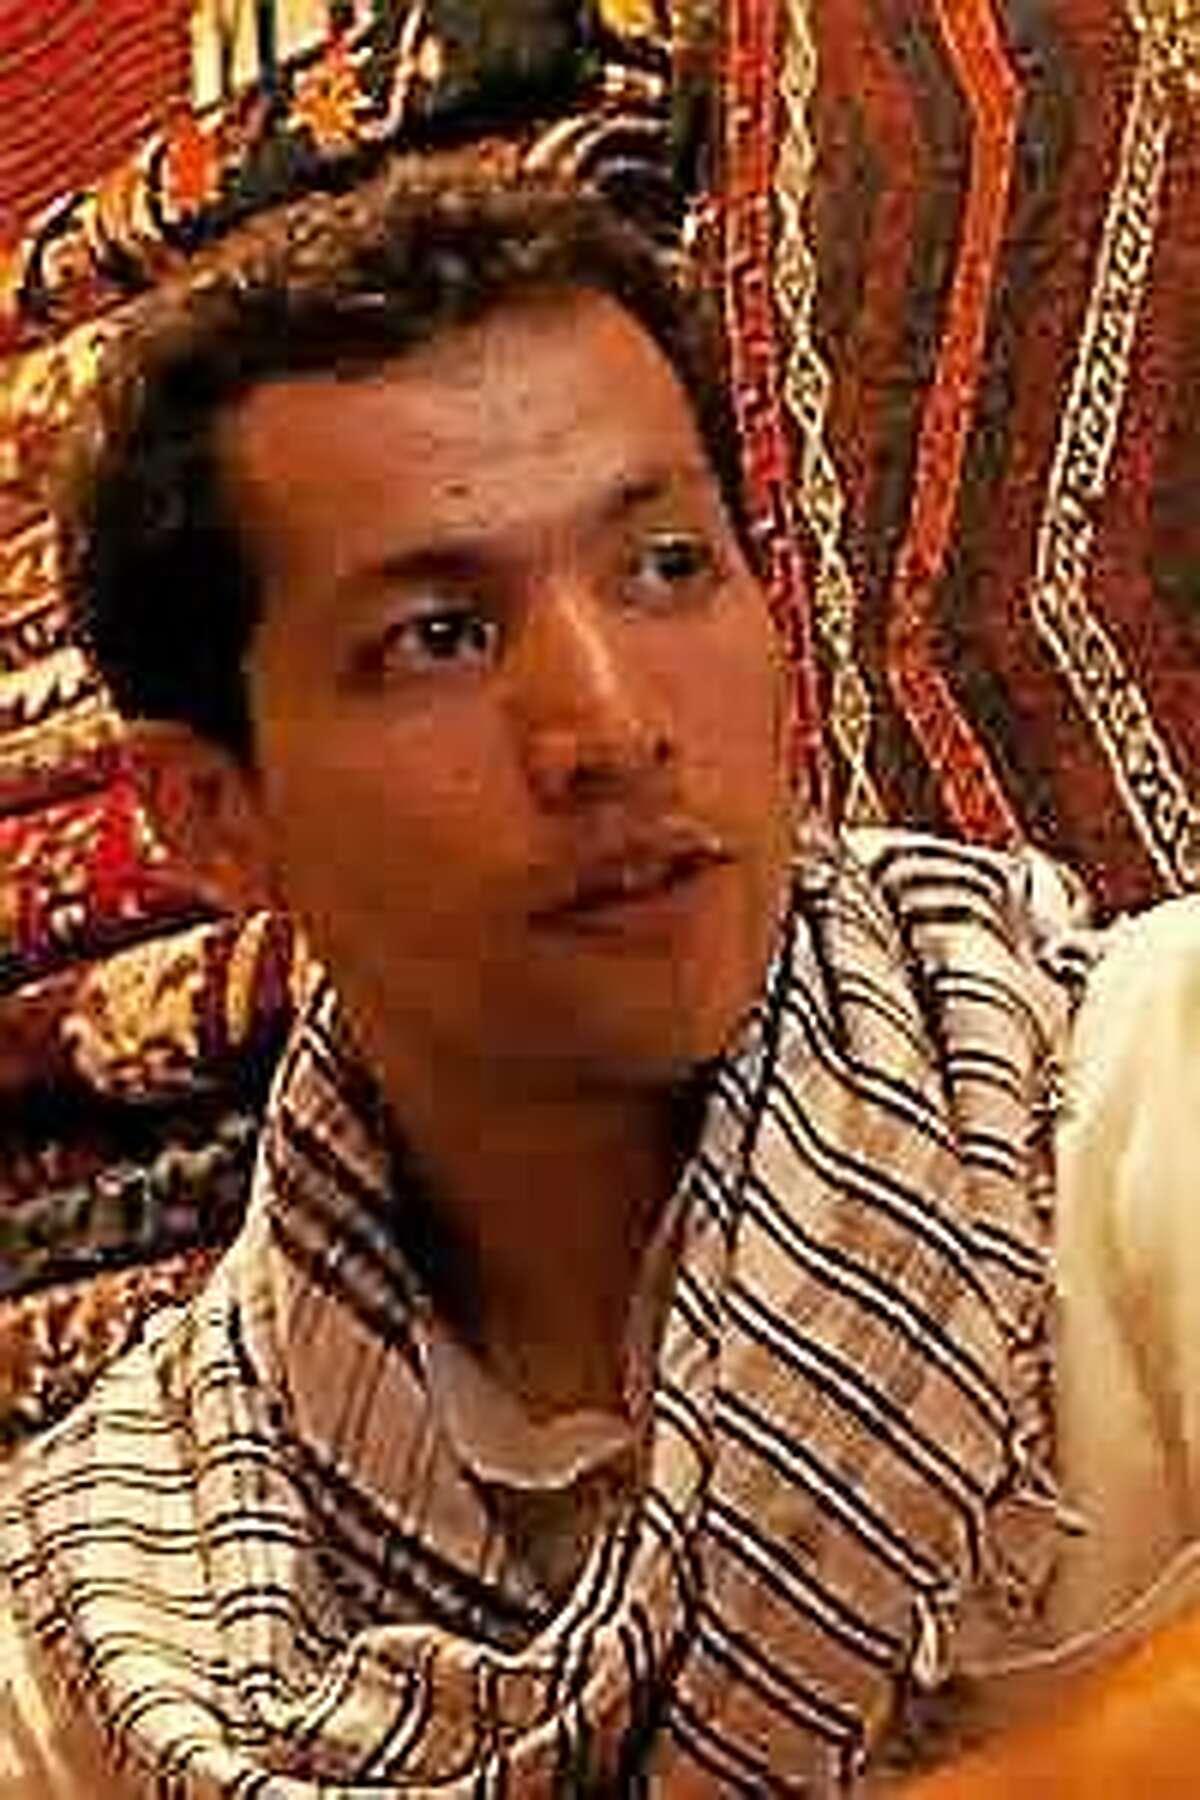 Author Qais Akbar Omar.